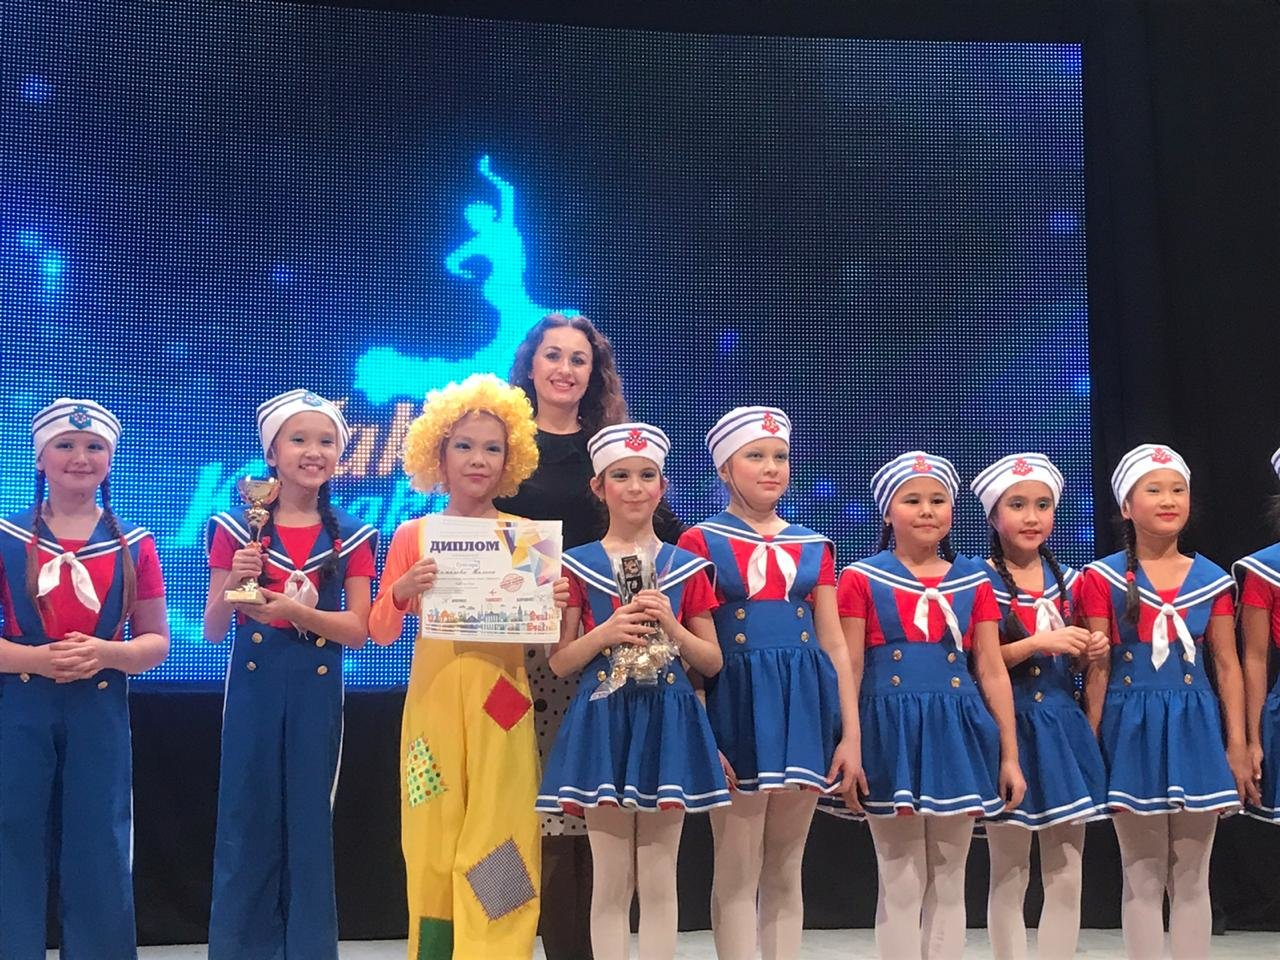 Танцоры из Актау стали обладателями Гран-при международного конкурса, фото-1